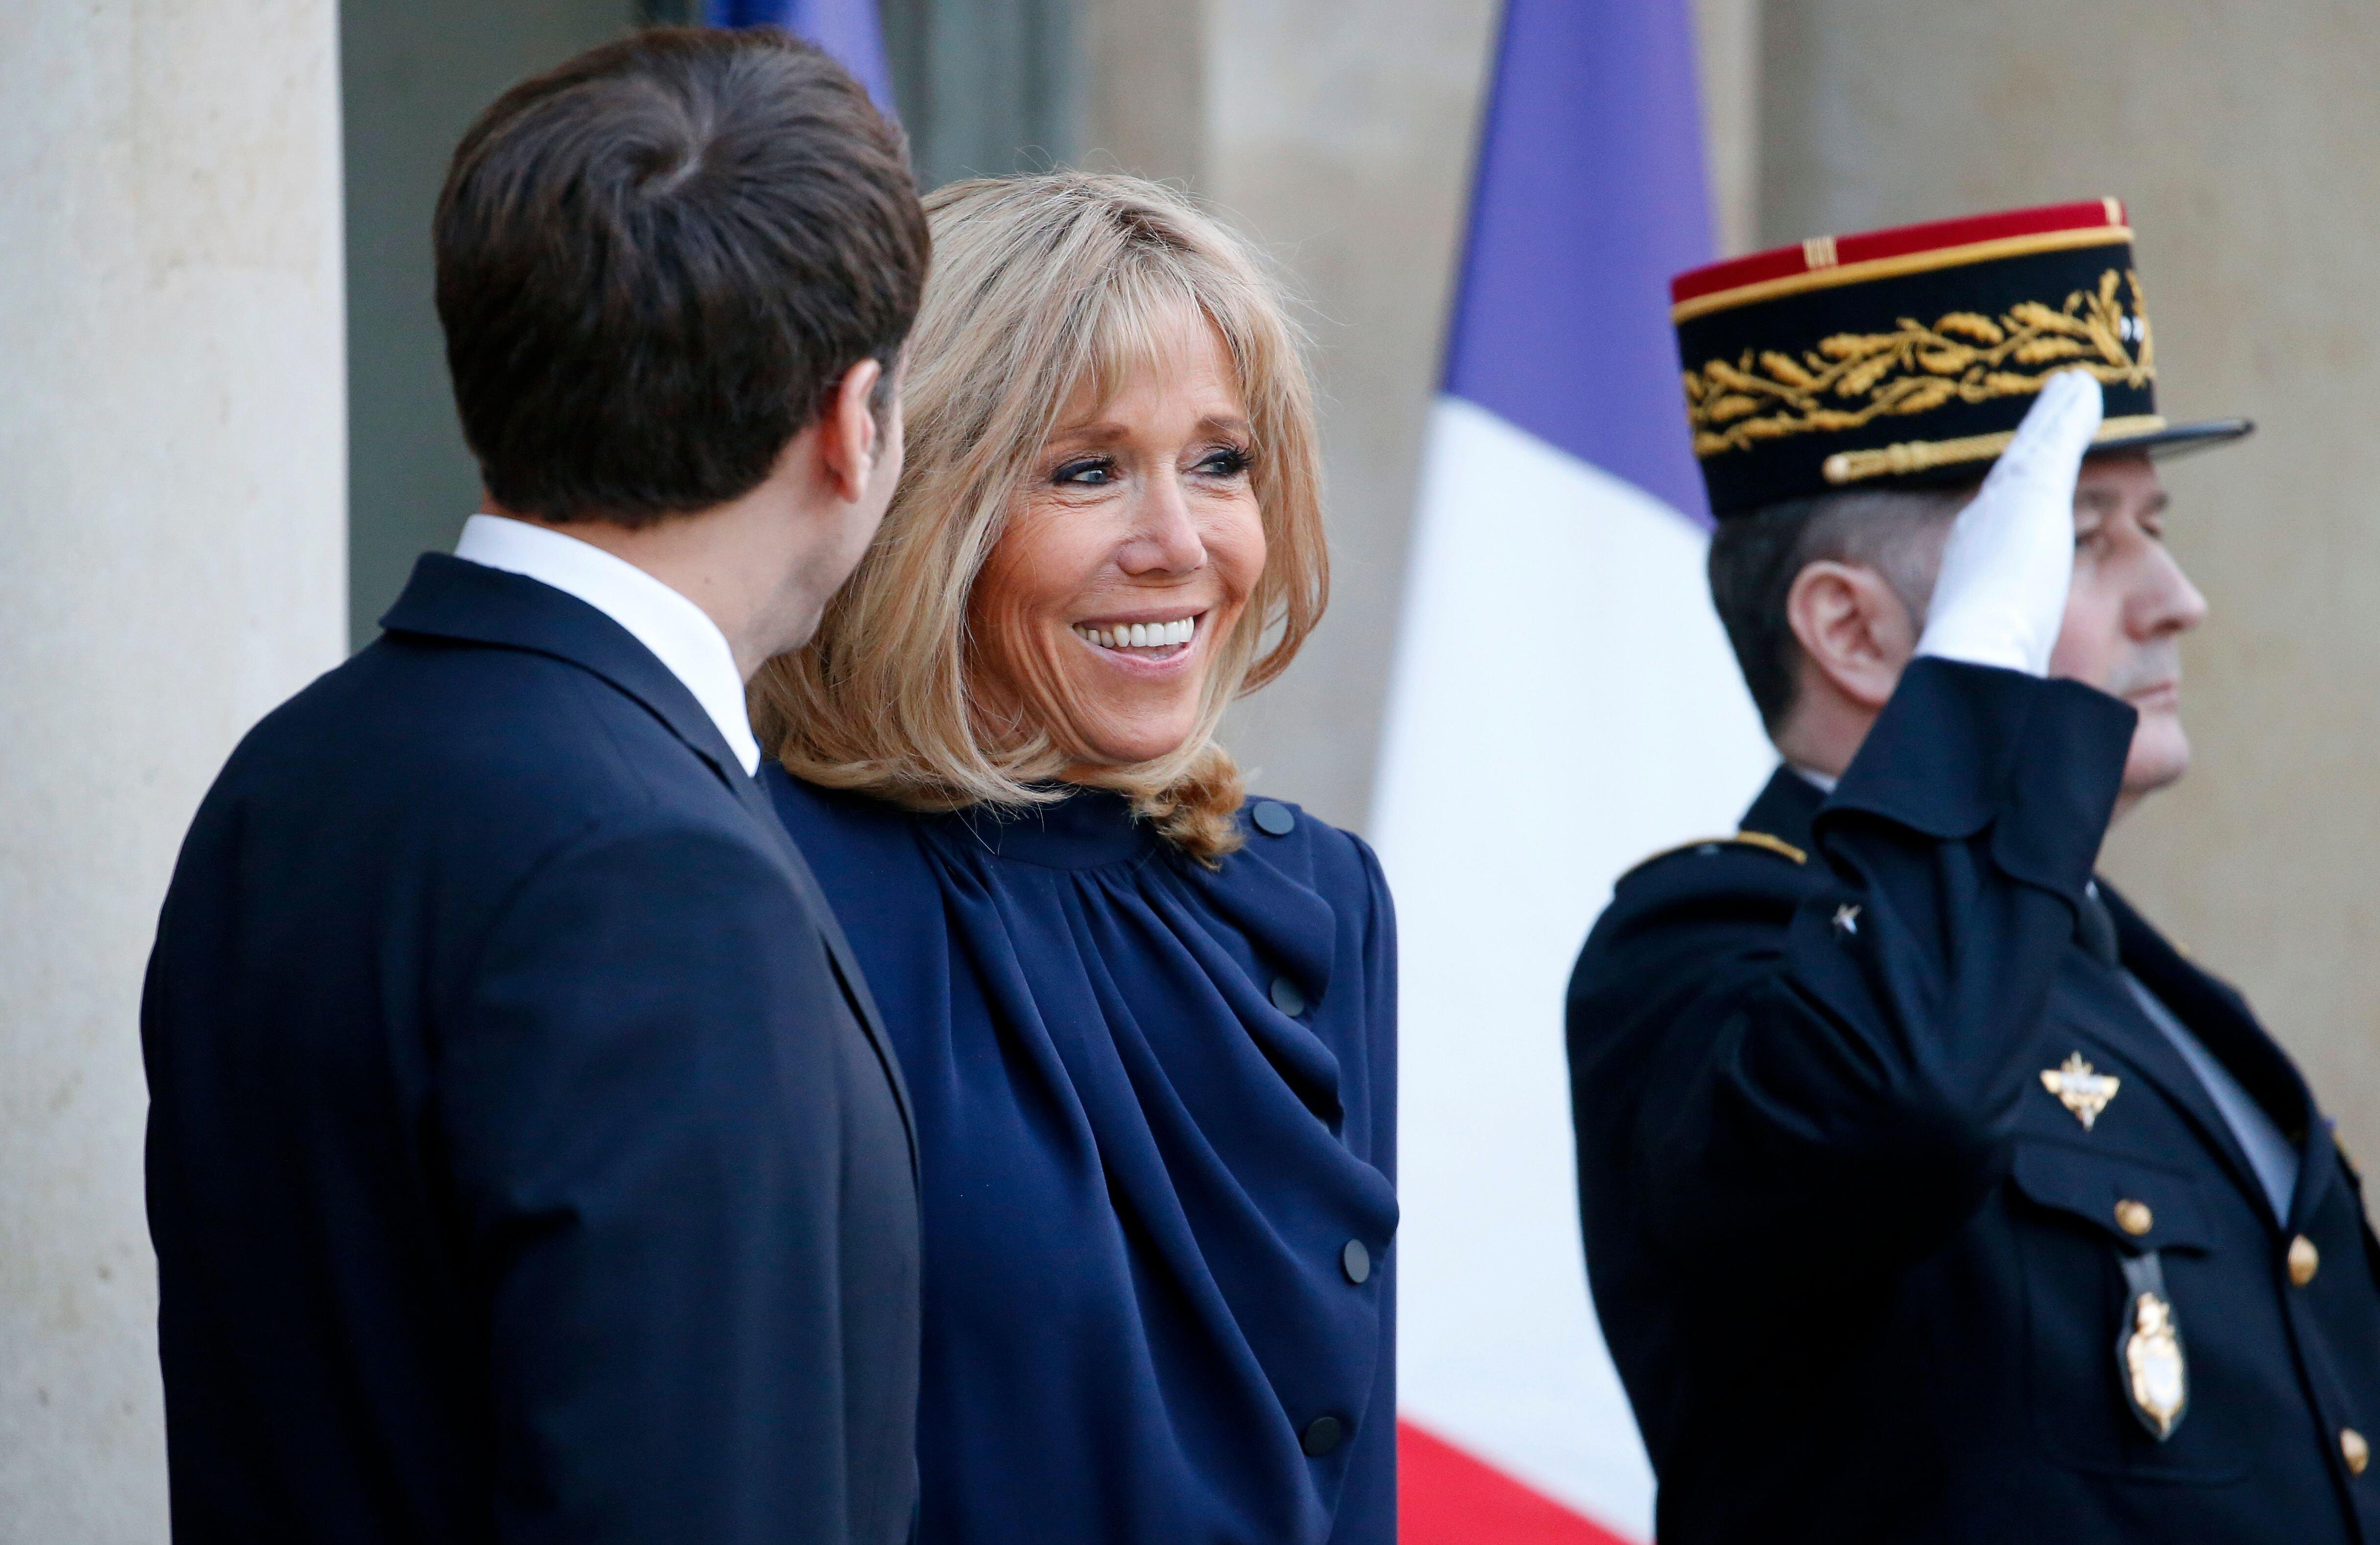 Brigitte et Emmanuel Macron. l Source: Getty Images